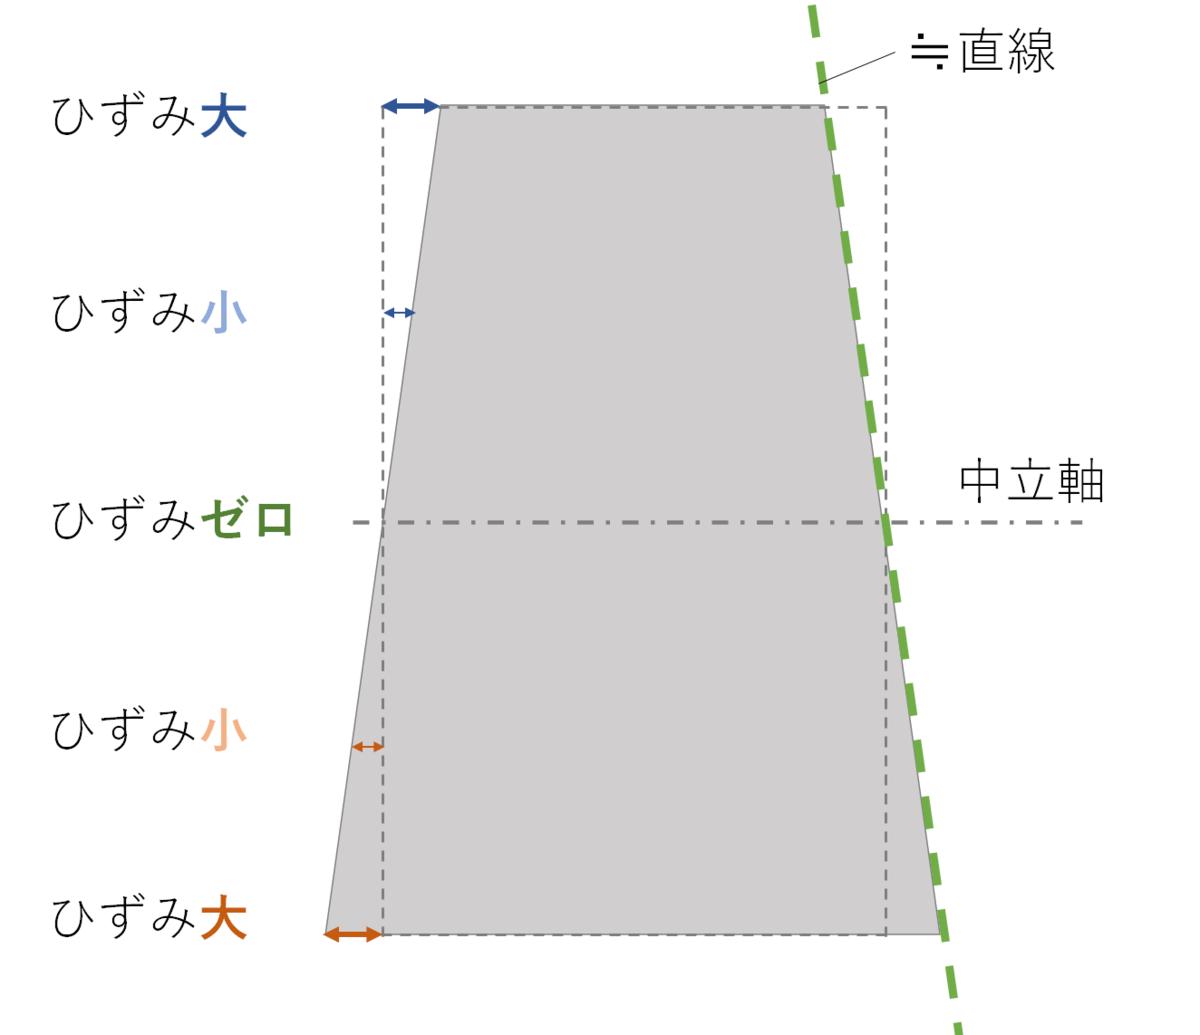 f:id:bakko-taishin:20200419181627p:plain